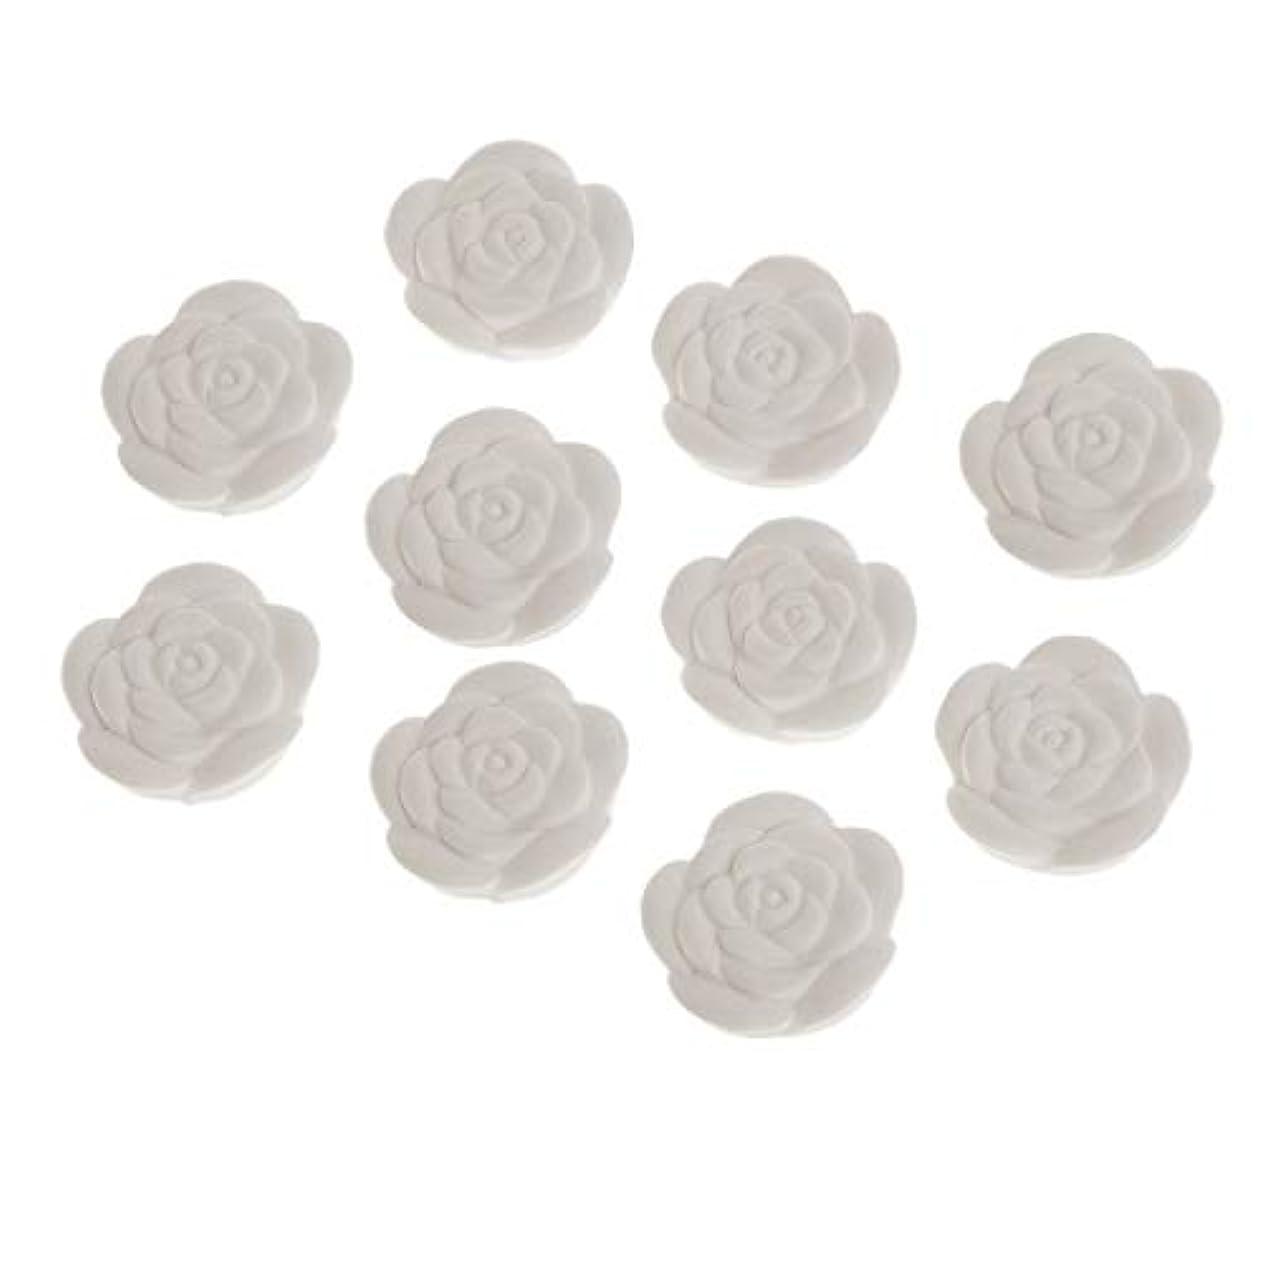 訴えるオゾン懐アロマストーン 石膏 花形 香り変更可能 トイレ用 車用 家用 寝室用 10個入り